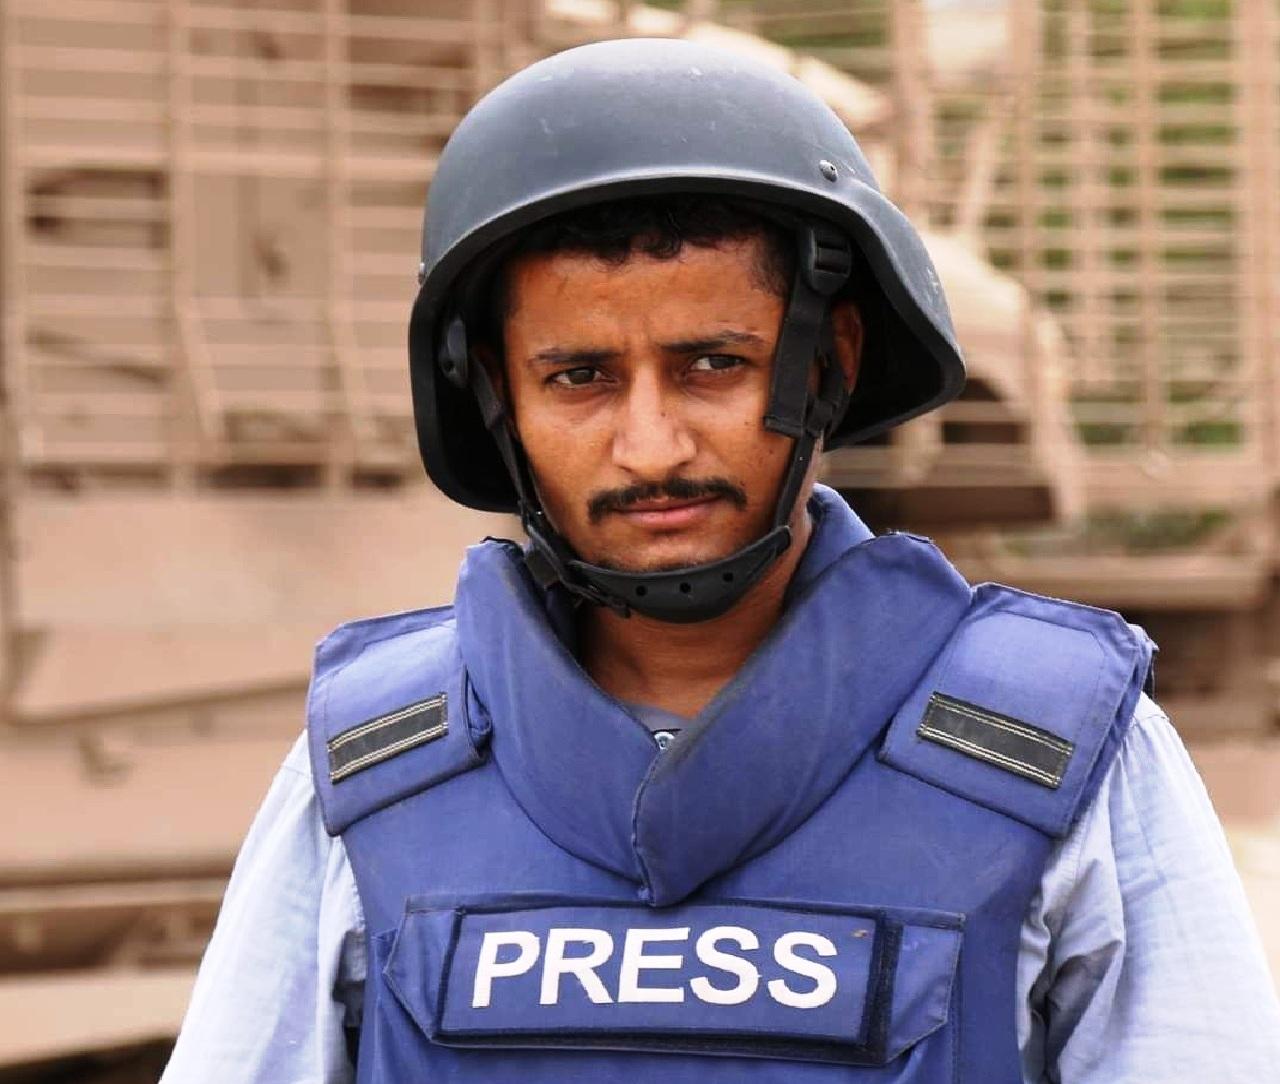 مقتل مراسل واصابة 9 صحفيين بالهجوم الارهابي الذي استهدف مطار عدن